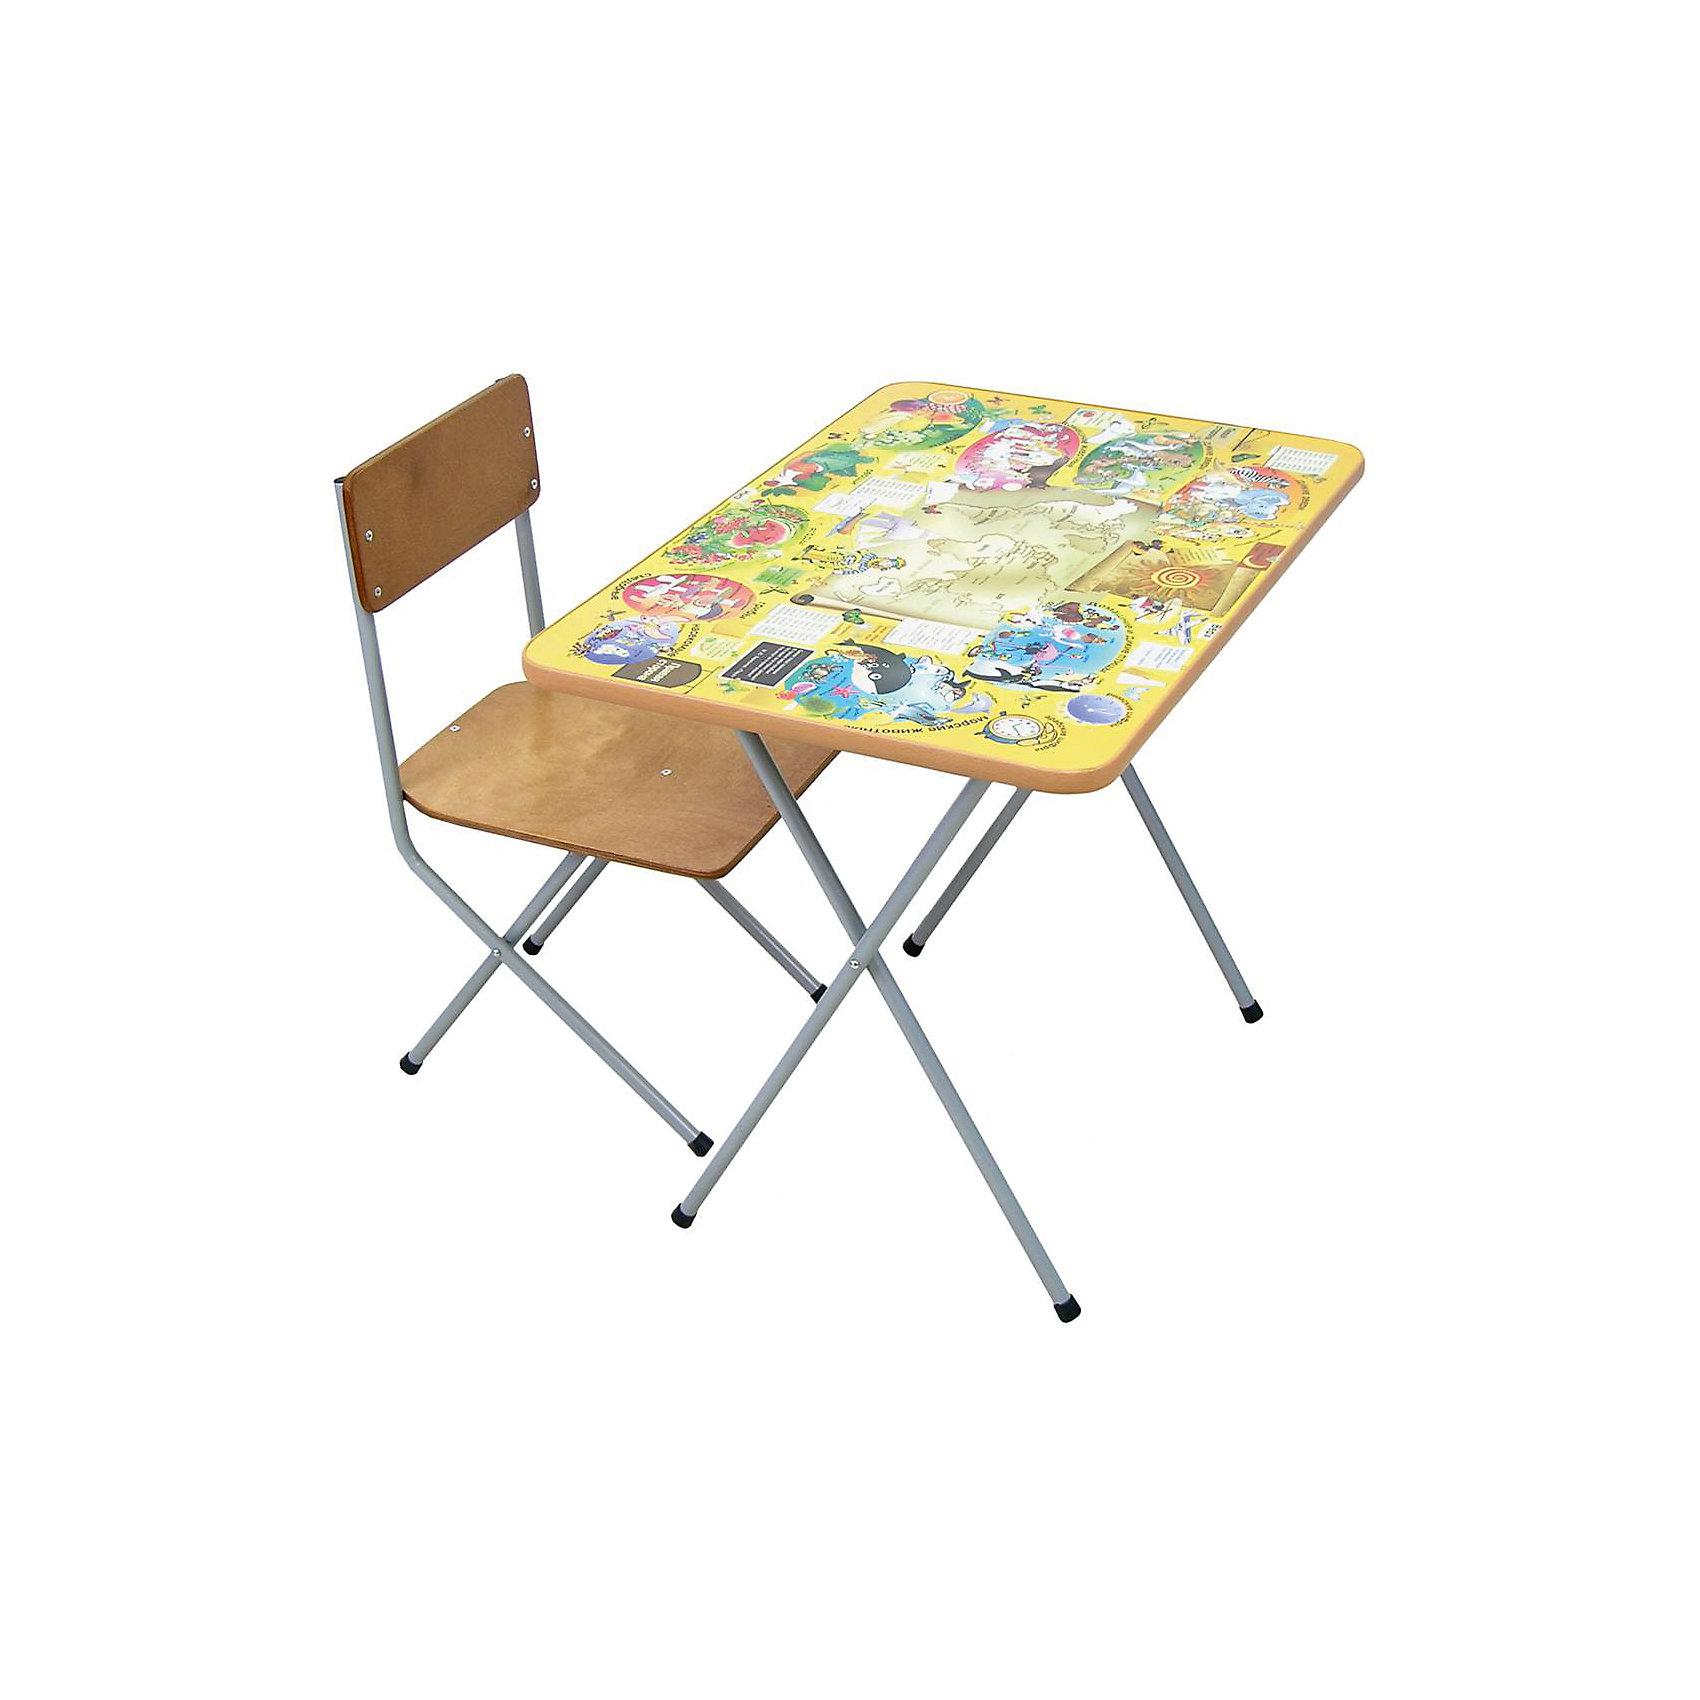 Комплект детской мебели Мир вокруг, ФеяКаждый ребенок нуждается в удобной, специальной мебели, чтобы его организм мог развиваться правильно. Такая мебель может быть еще и яркой, а также выполнять обучающую функцию.<br>Набор детской складной мебели Мир вокруг - это универсальный комплект необходимых предметов для малыша. Он состоит из стула и стола, выполненных в ярких цветах. Столешница позволяет разместить на ней все необходимые предметы: можно есть, играть или учиться! На ней расположены обучающие рисунки. Разработан набор в соответствии с рекомендациями врачей-ортопедов. Сделан из безопасных для ребенка материалов.<br><br>Дополнительная информация:<br><br>цвет: разноцветный;<br>материал: ЛДСП, металл, пластик;<br>просторная столешница;<br>оригинальный яркий дизайн;<br>обучающие изображения на столешнице;<br>легко моется;<br>соответствует рекомендациям ортопедов;<br>размер стола: 70х48х58 см;<br>размер стула: 29х37х63 cм;<br>высота сидения: 34 cм;<br>вес: 5,5 кг.<br><br>Комплект детской мебели Мир вокруг от компании Фея можно купить в нашем магазине.<br><br>Ширина мм: 560<br>Глубина мм: 650<br>Высота мм: 300<br>Вес г: 3000<br>Возраст от месяцев: 24<br>Возраст до месяцев: 60<br>Пол: Унисекс<br>Возраст: Детский<br>SKU: 4778489